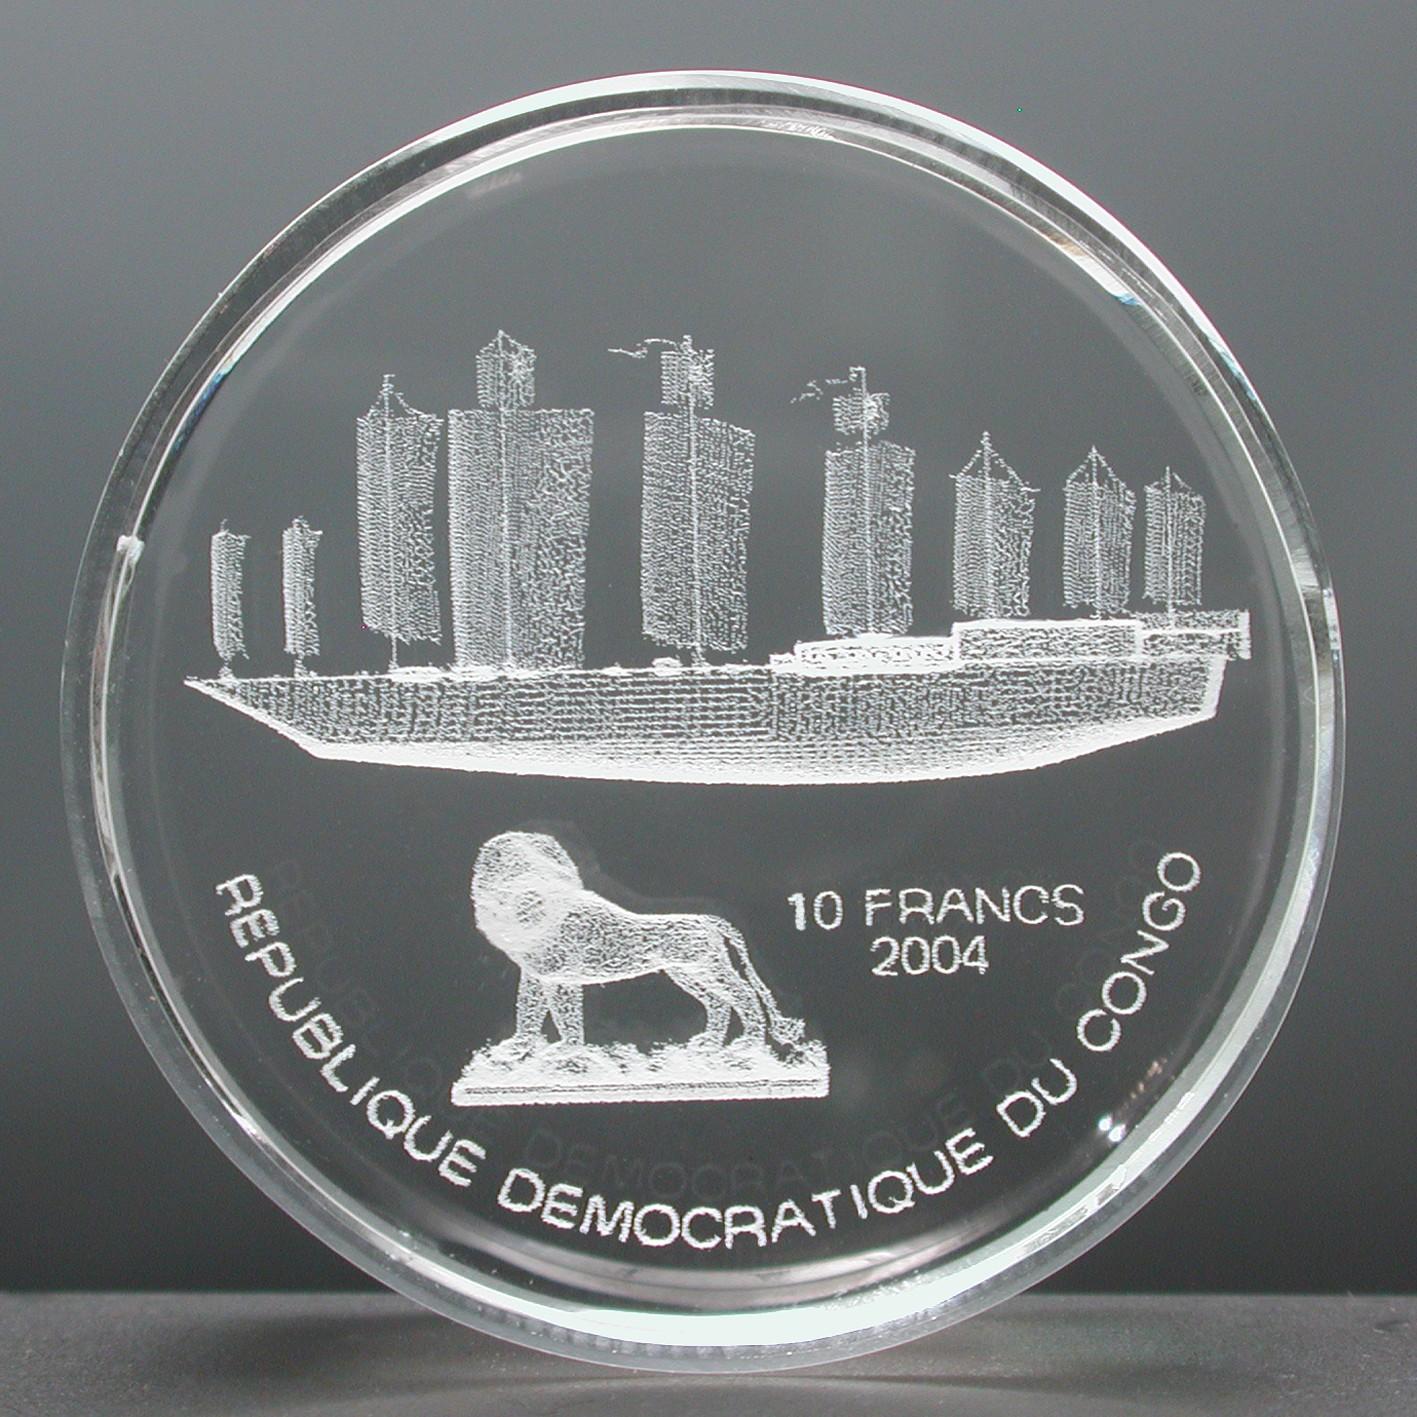 CD 10 Francs 2004